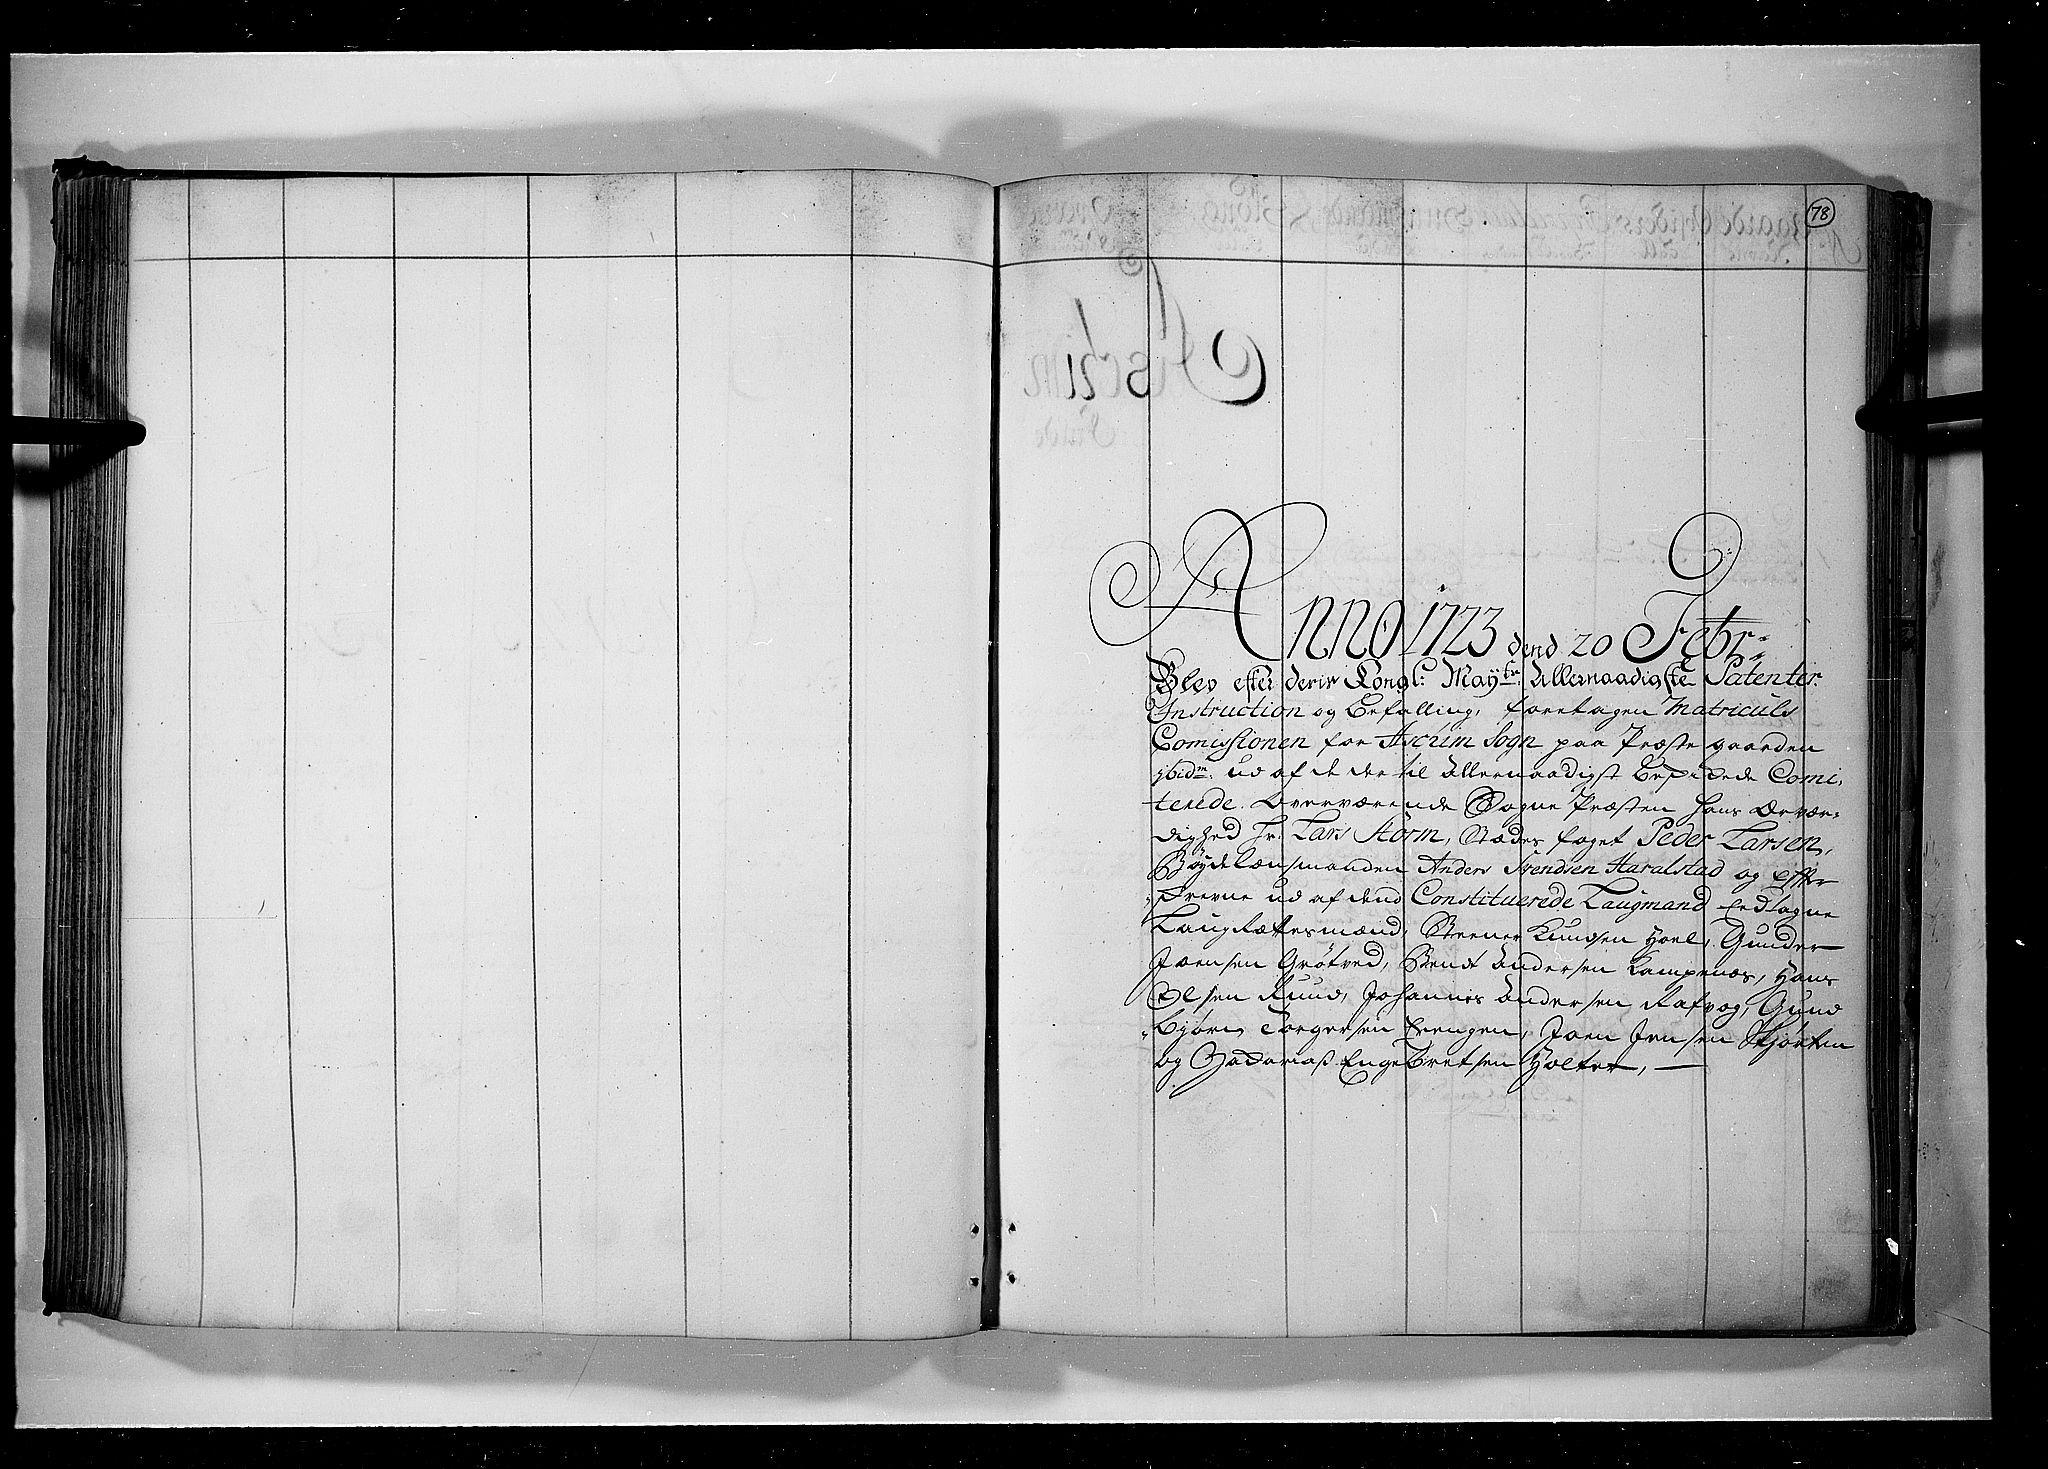 RA, Rentekammeret inntil 1814, Realistisk ordnet avdeling, N/Nb/Nbf/L0099: Rakkestad, Heggen og Frøland eksaminasjonsprotokoll, 1723, s. 77b-78a